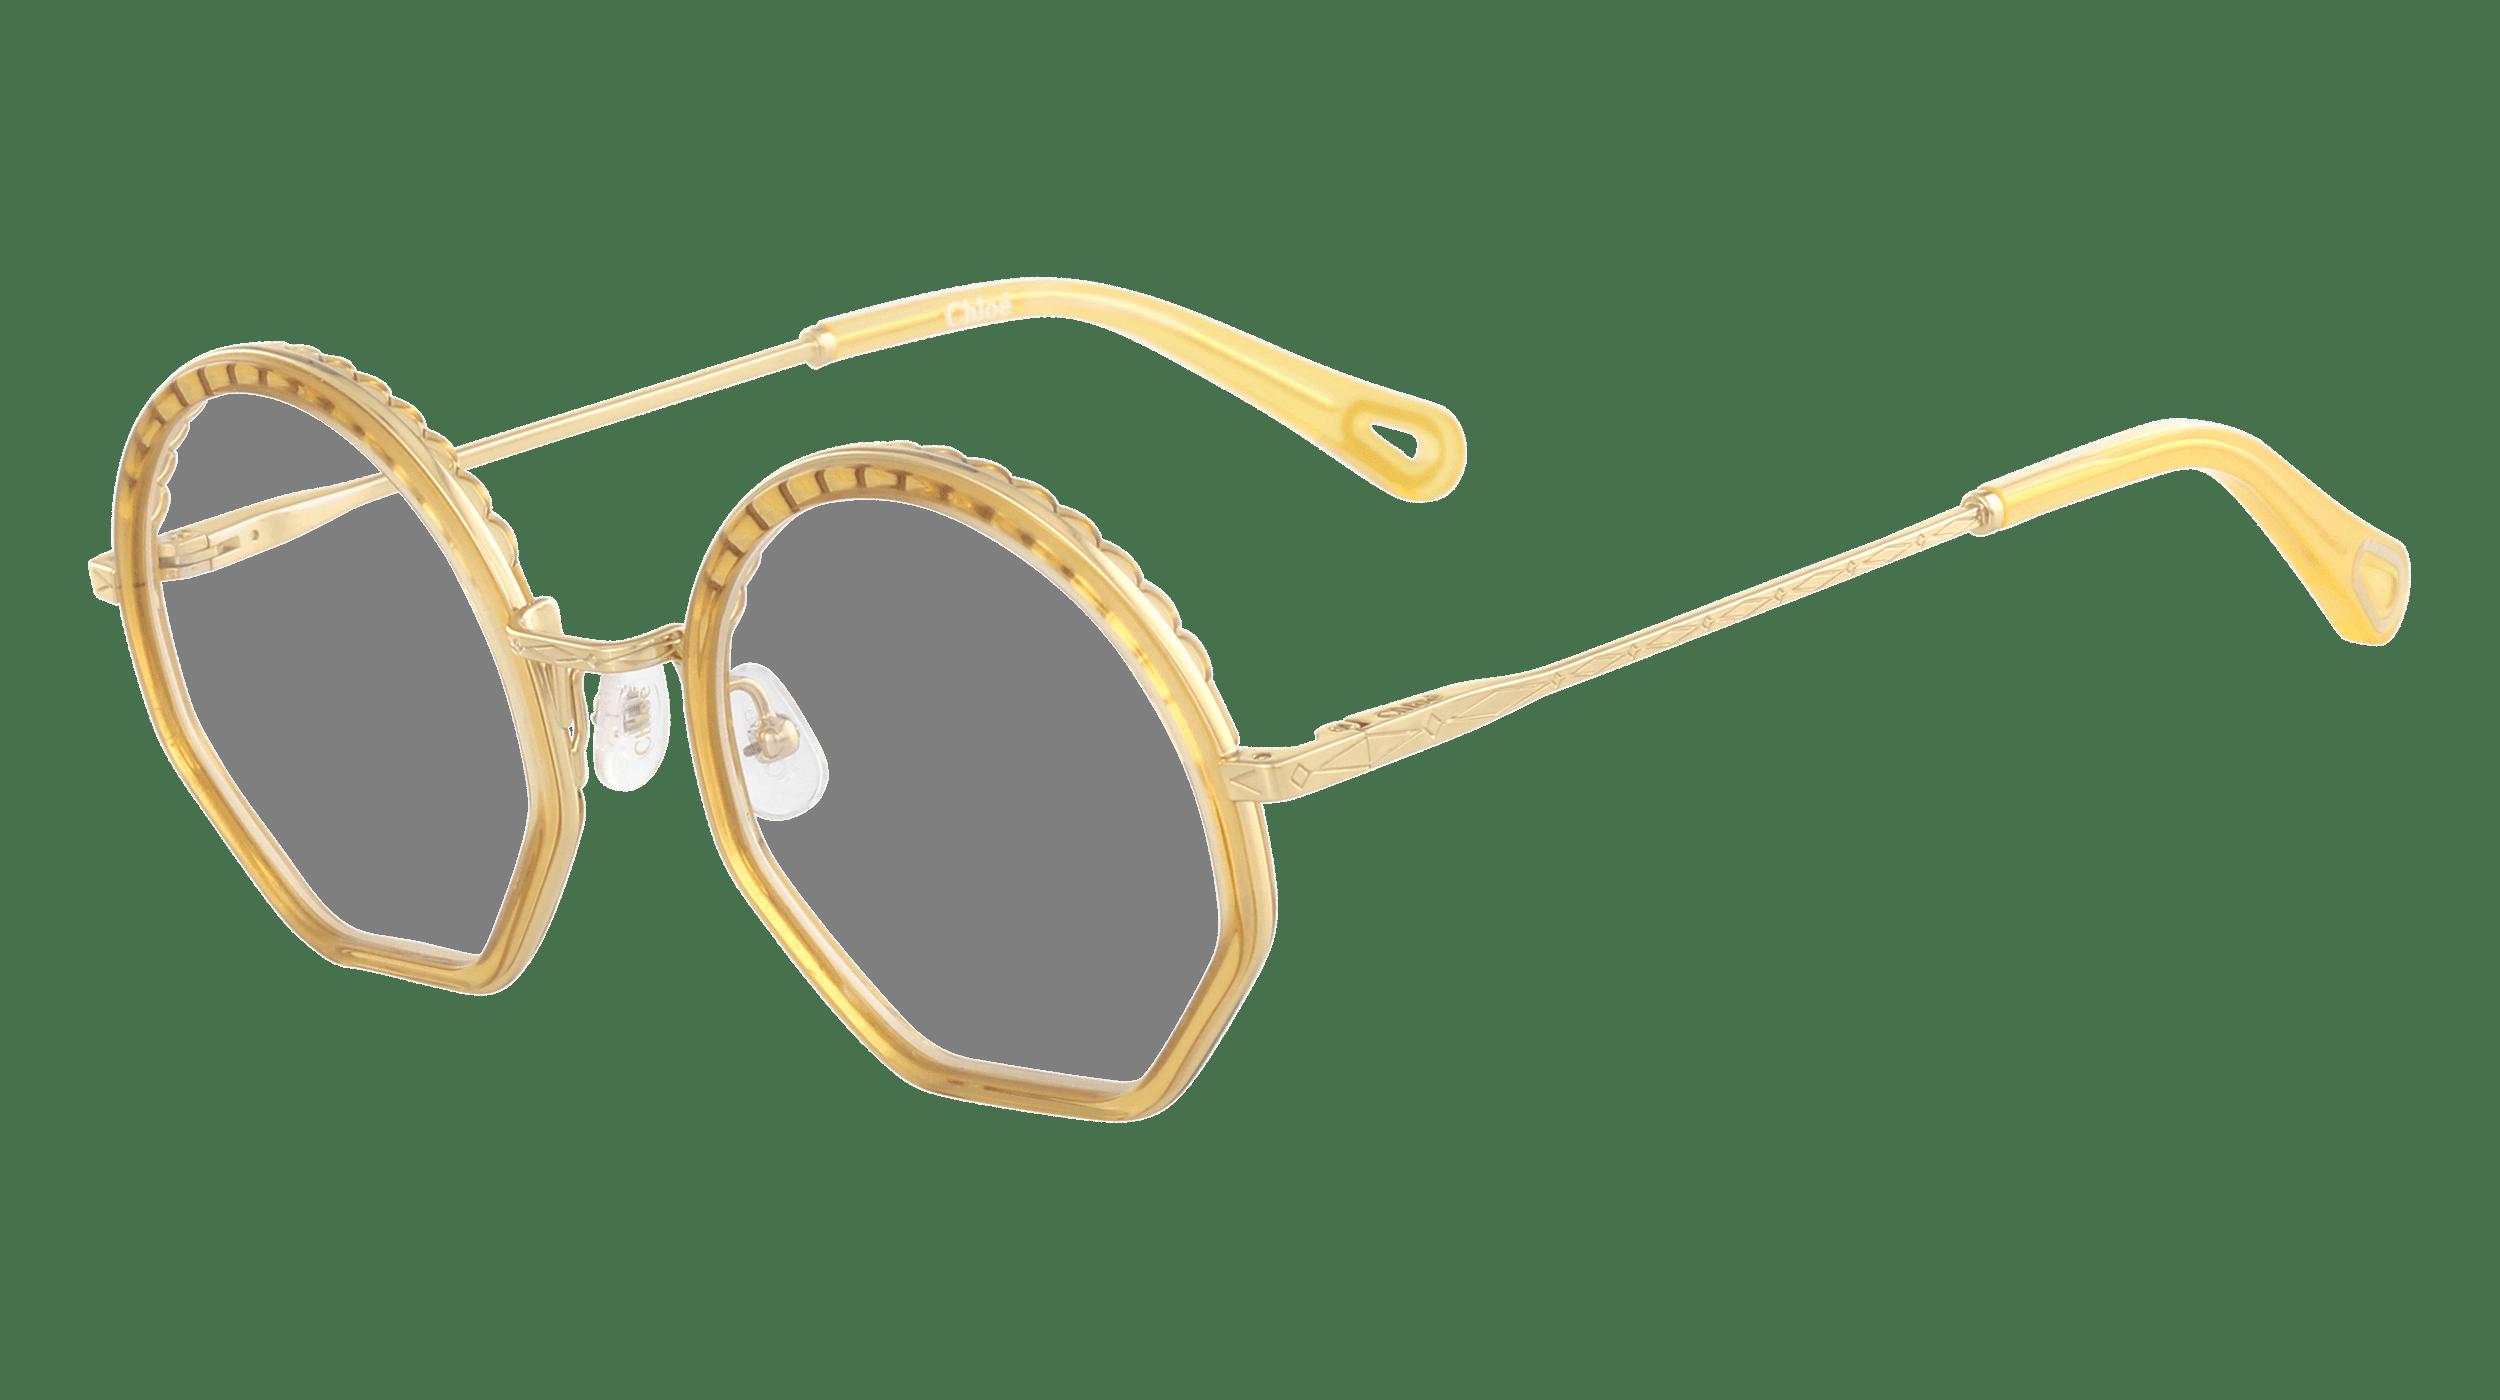 Nahaufnahme von einer Cloé Korrekturbrille mit goldenem Rahmen und Bügeln und runden Brillengläsern.